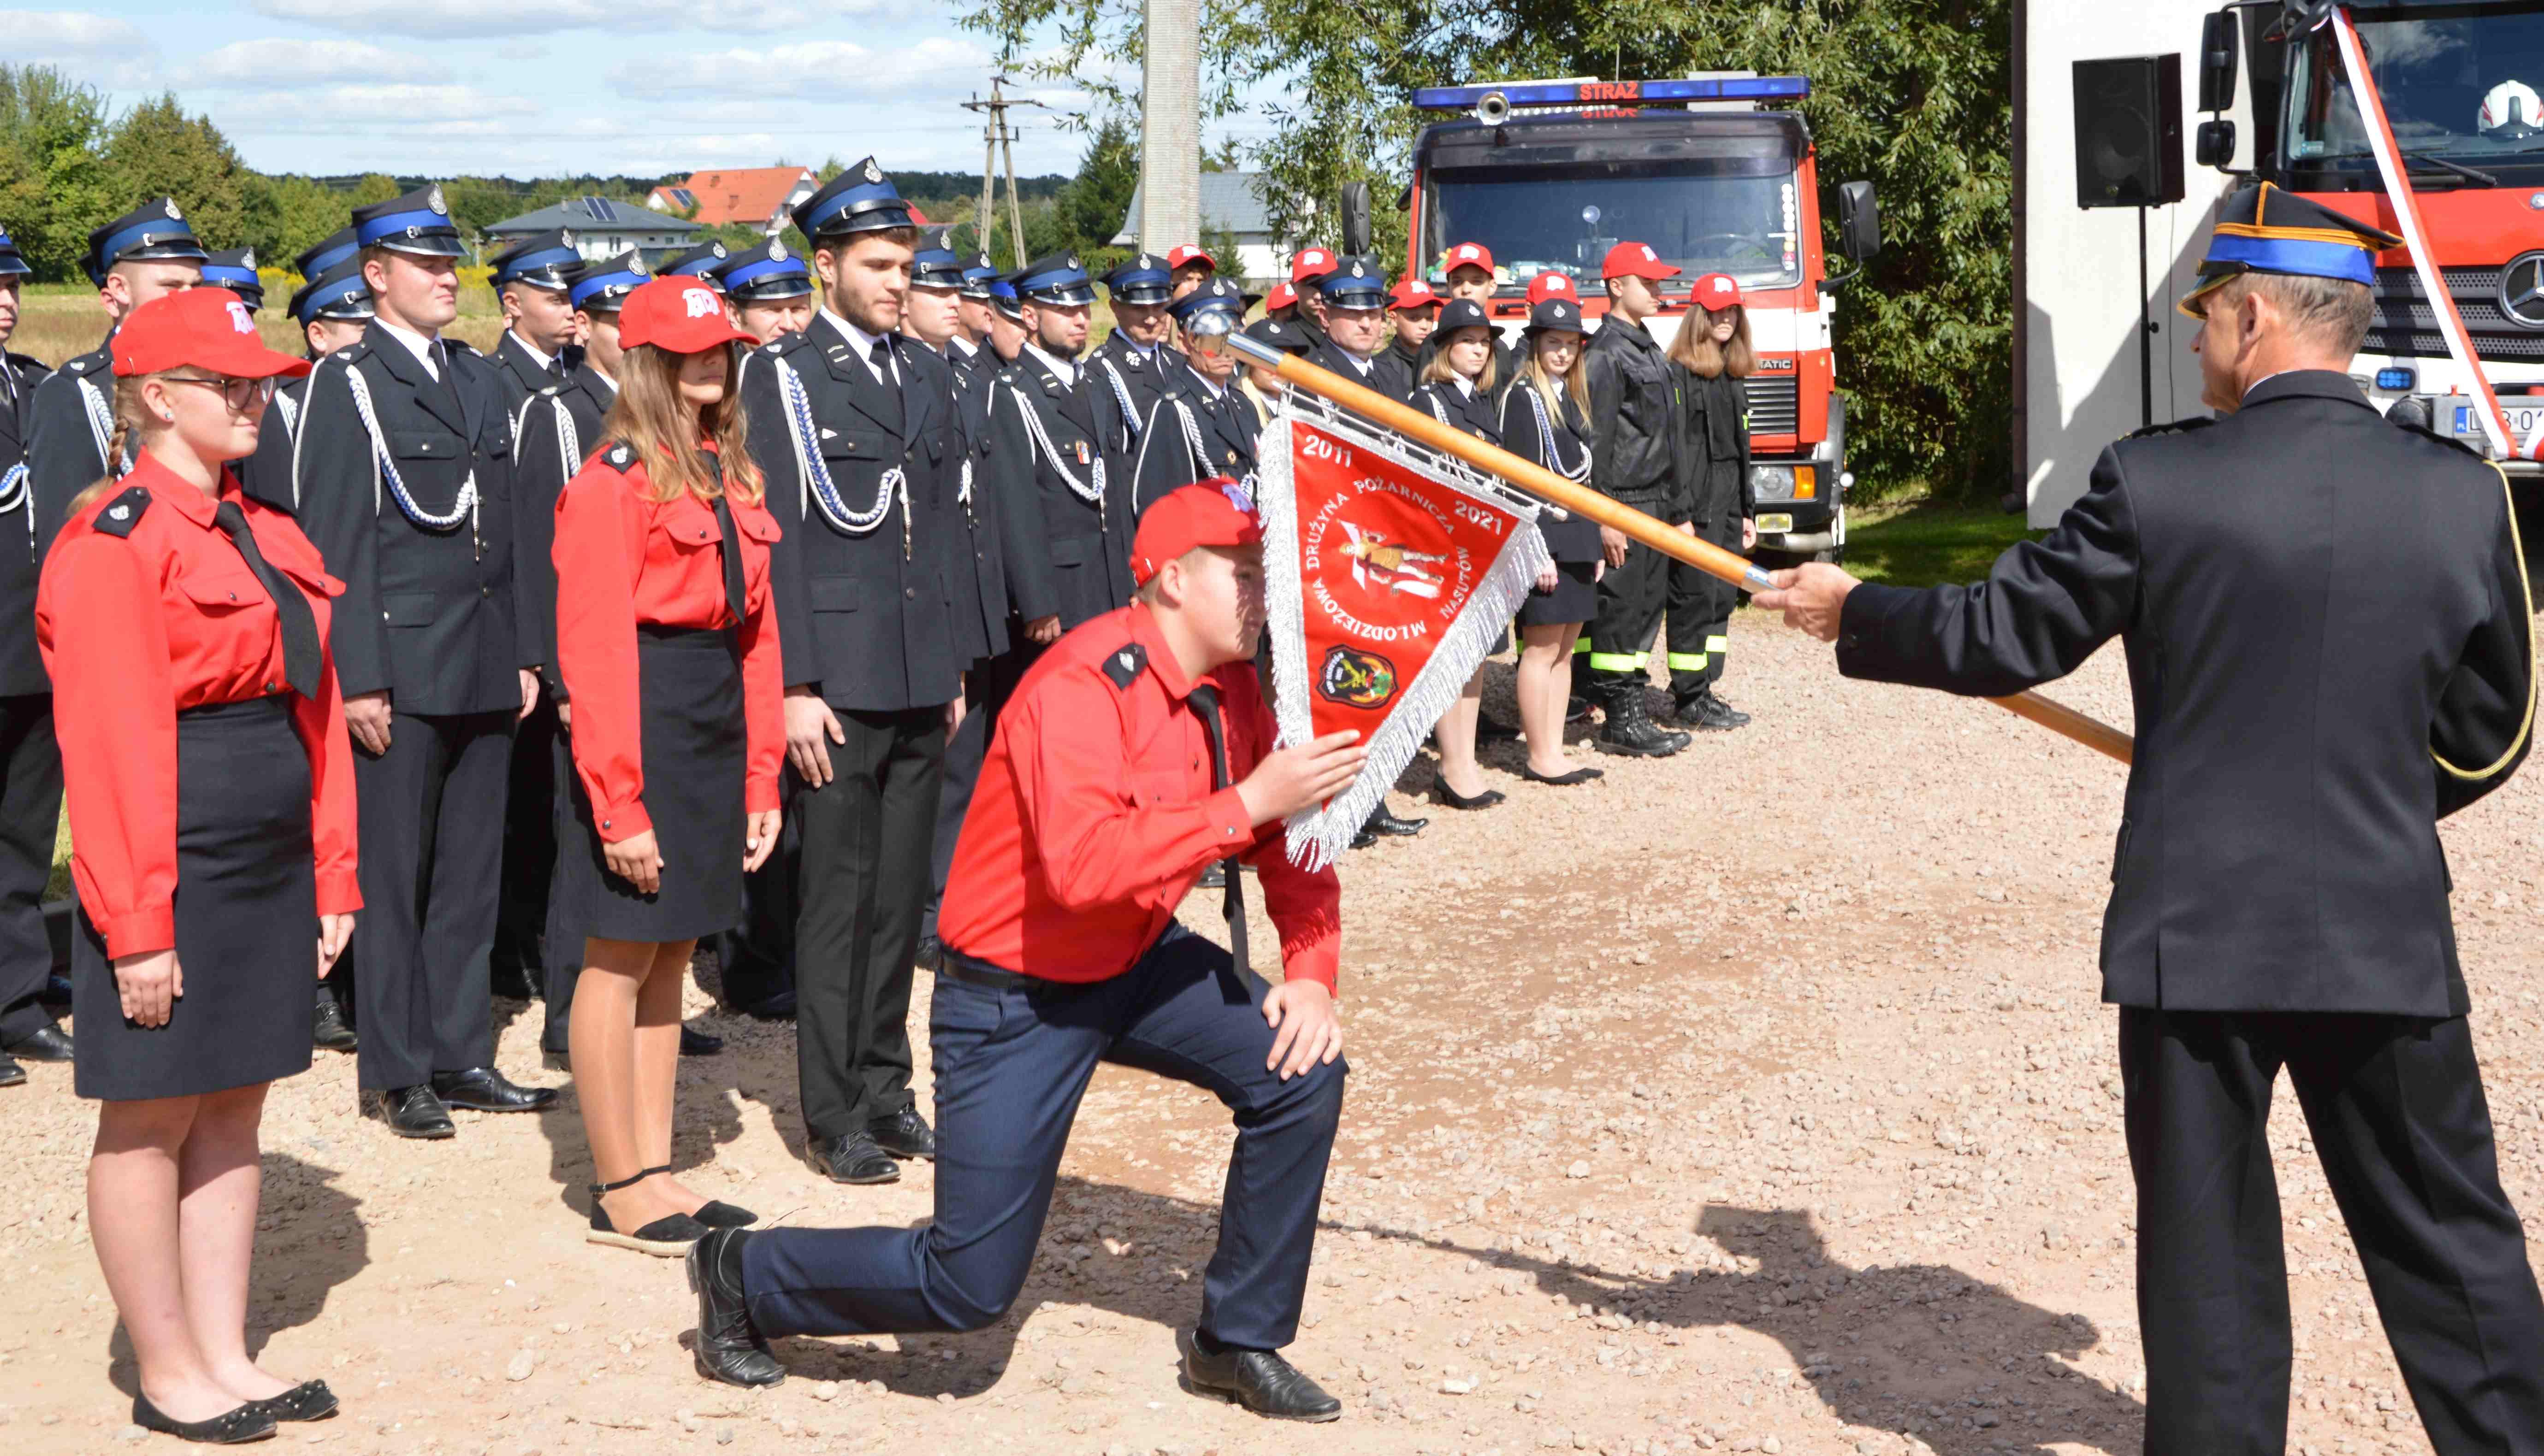 Gmina Niemce: OSP Nasutów świętowała stulecie! Mają nowy wóz bojowy [GALERIA] - Zdjęcie główne